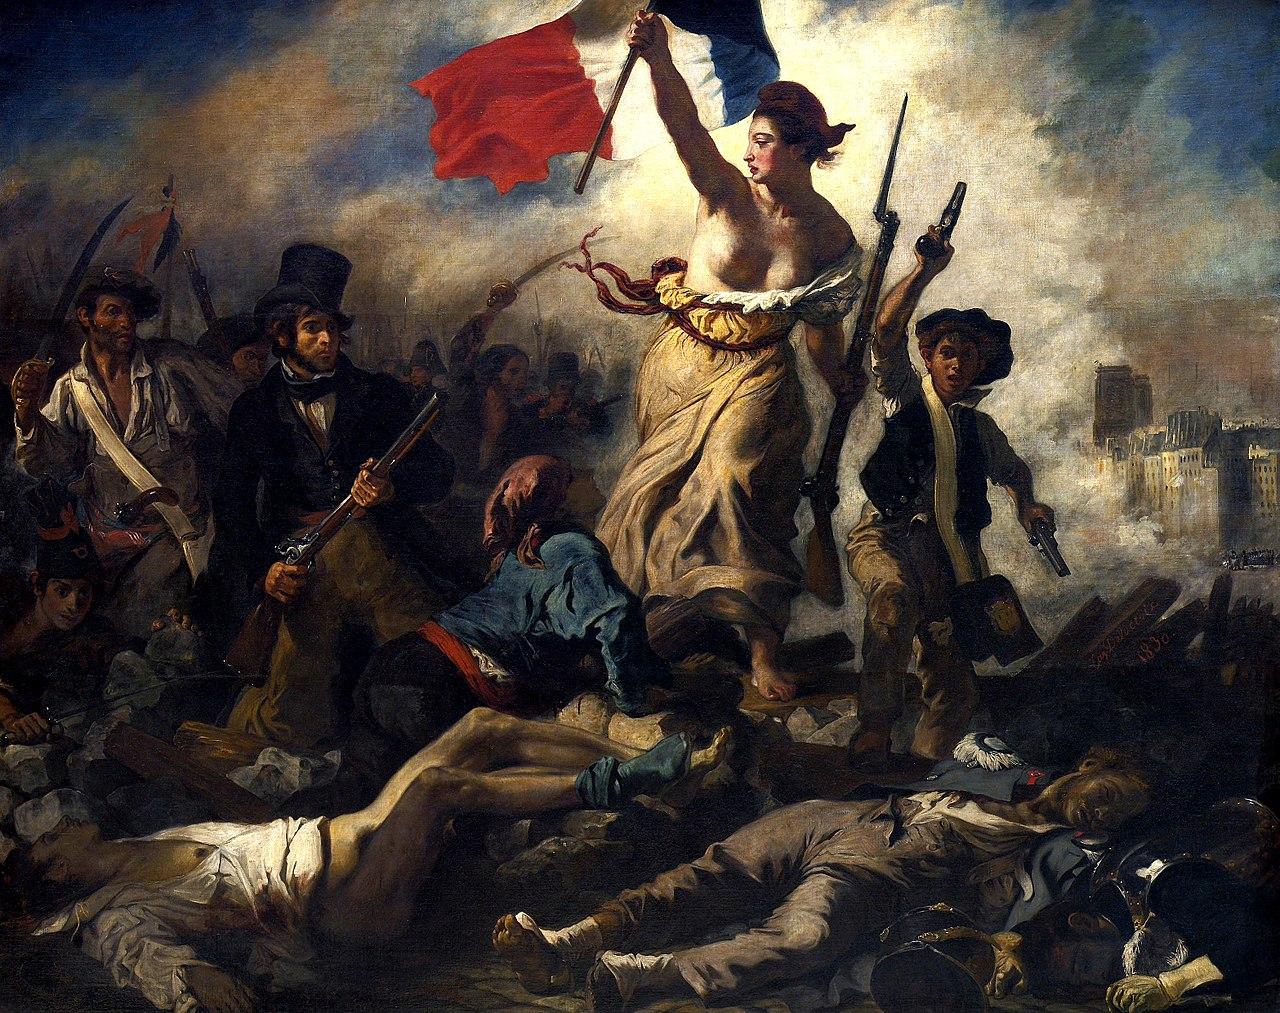 Datei:eugène Delacroix - La Liberté Guidant Le Peuple mit Delacroix Die Freiheit Führt Das Volk